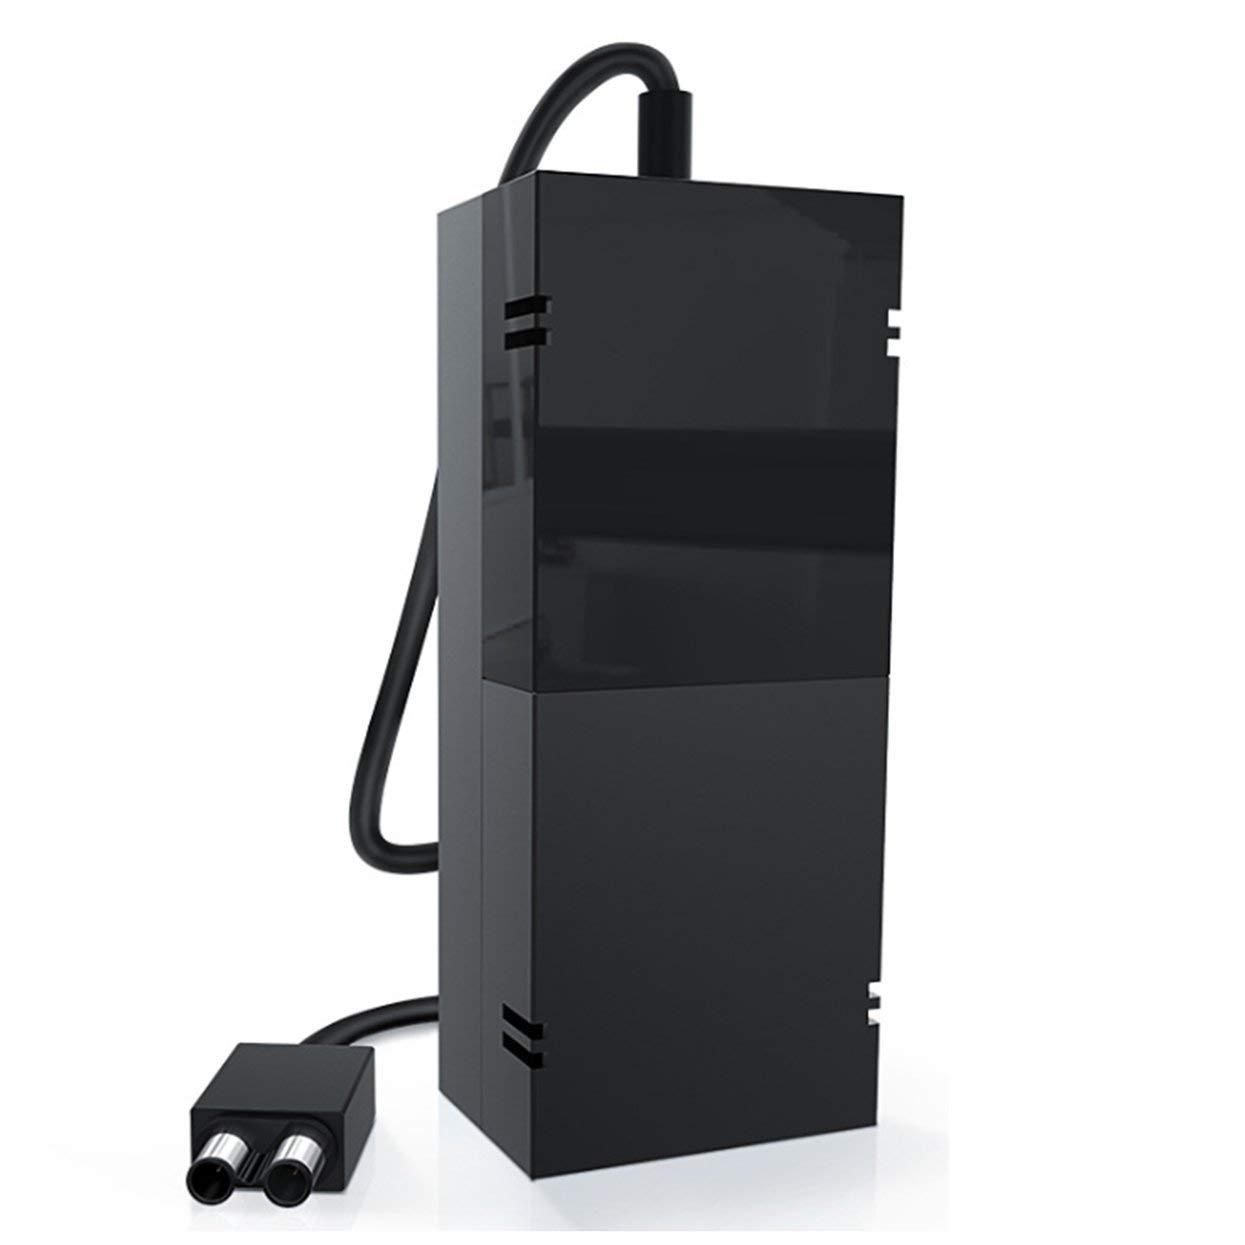 Tree-on-Life Reemplazo del Adaptador de CA Original de la Fuente de alimentación OEM de Microsoft para Xbox One: Amazon.es: Hogar